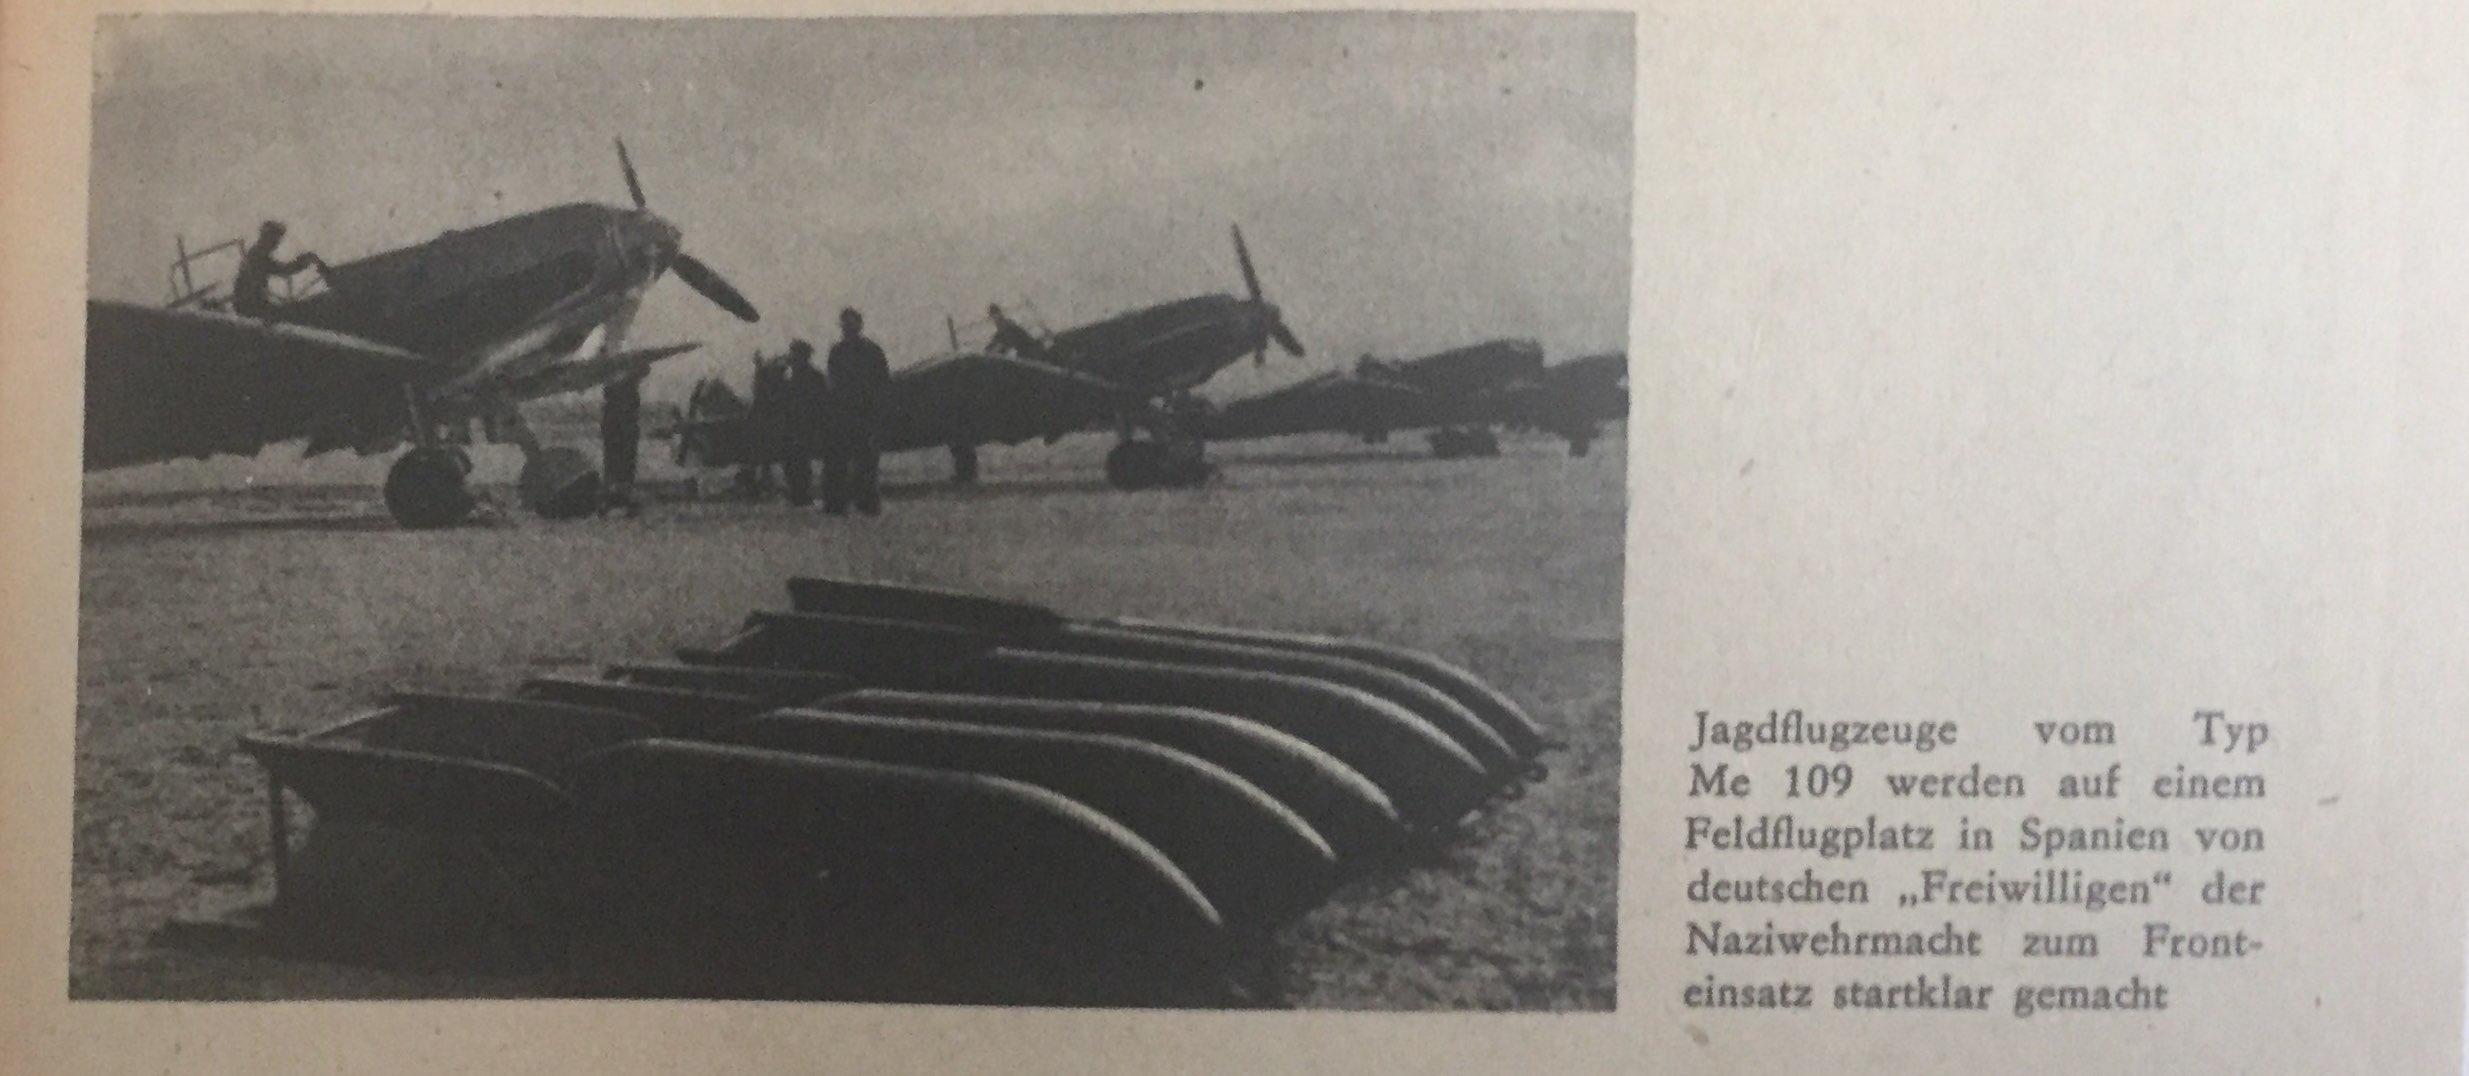 Jagdflugzeuge der deutschen Faschisten in Spanien Kopie